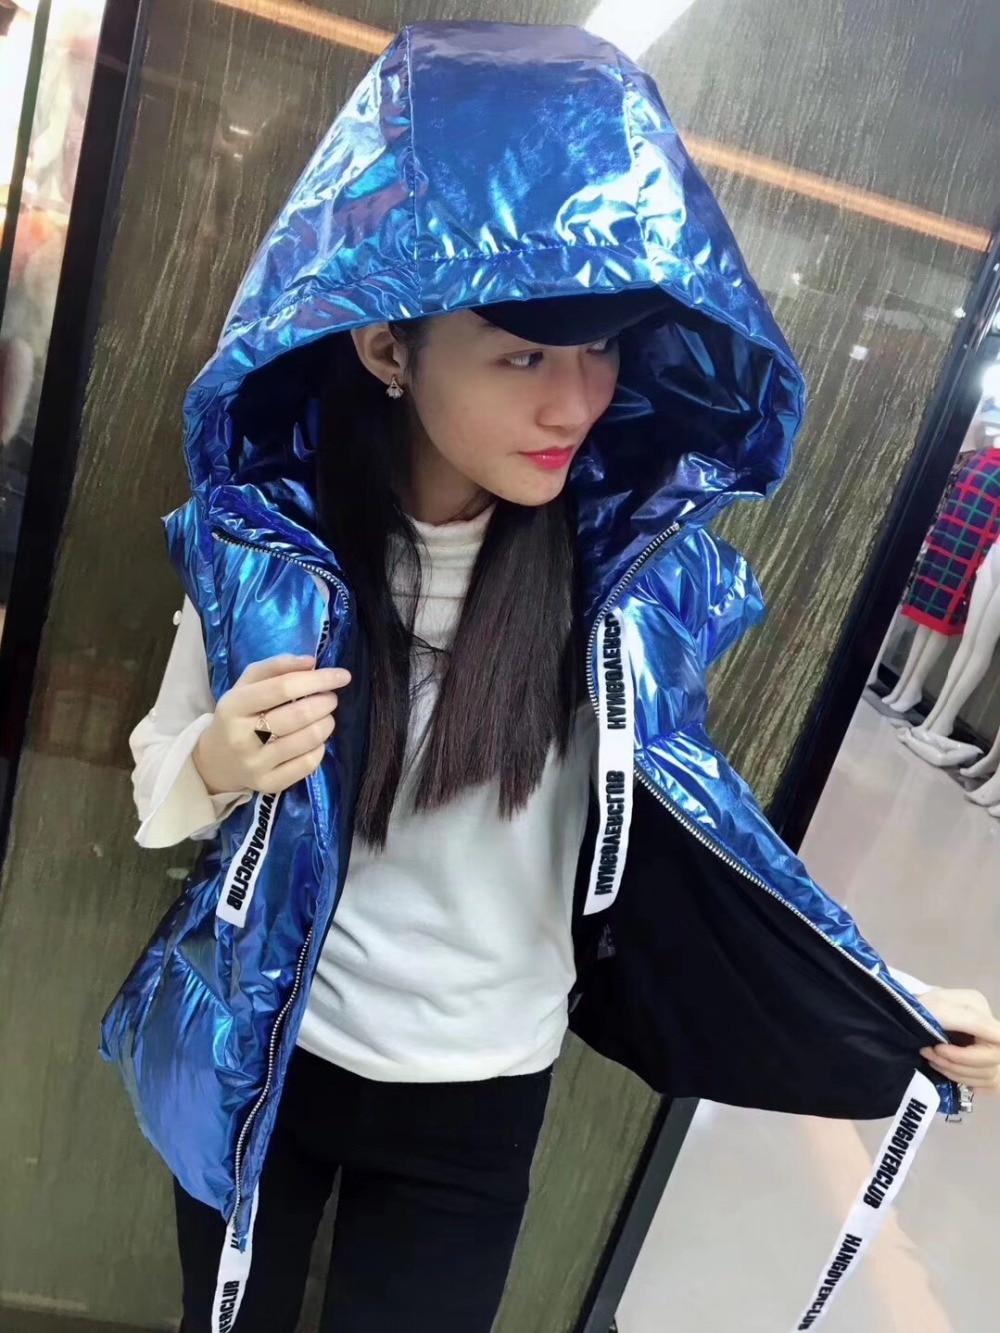 Le Vers Gilet Nouveau D'hiver Spéciale Couleur Bas Offre Style Bleu 2018 Imperméable Meifng Métal Manteau wqzXOwv1